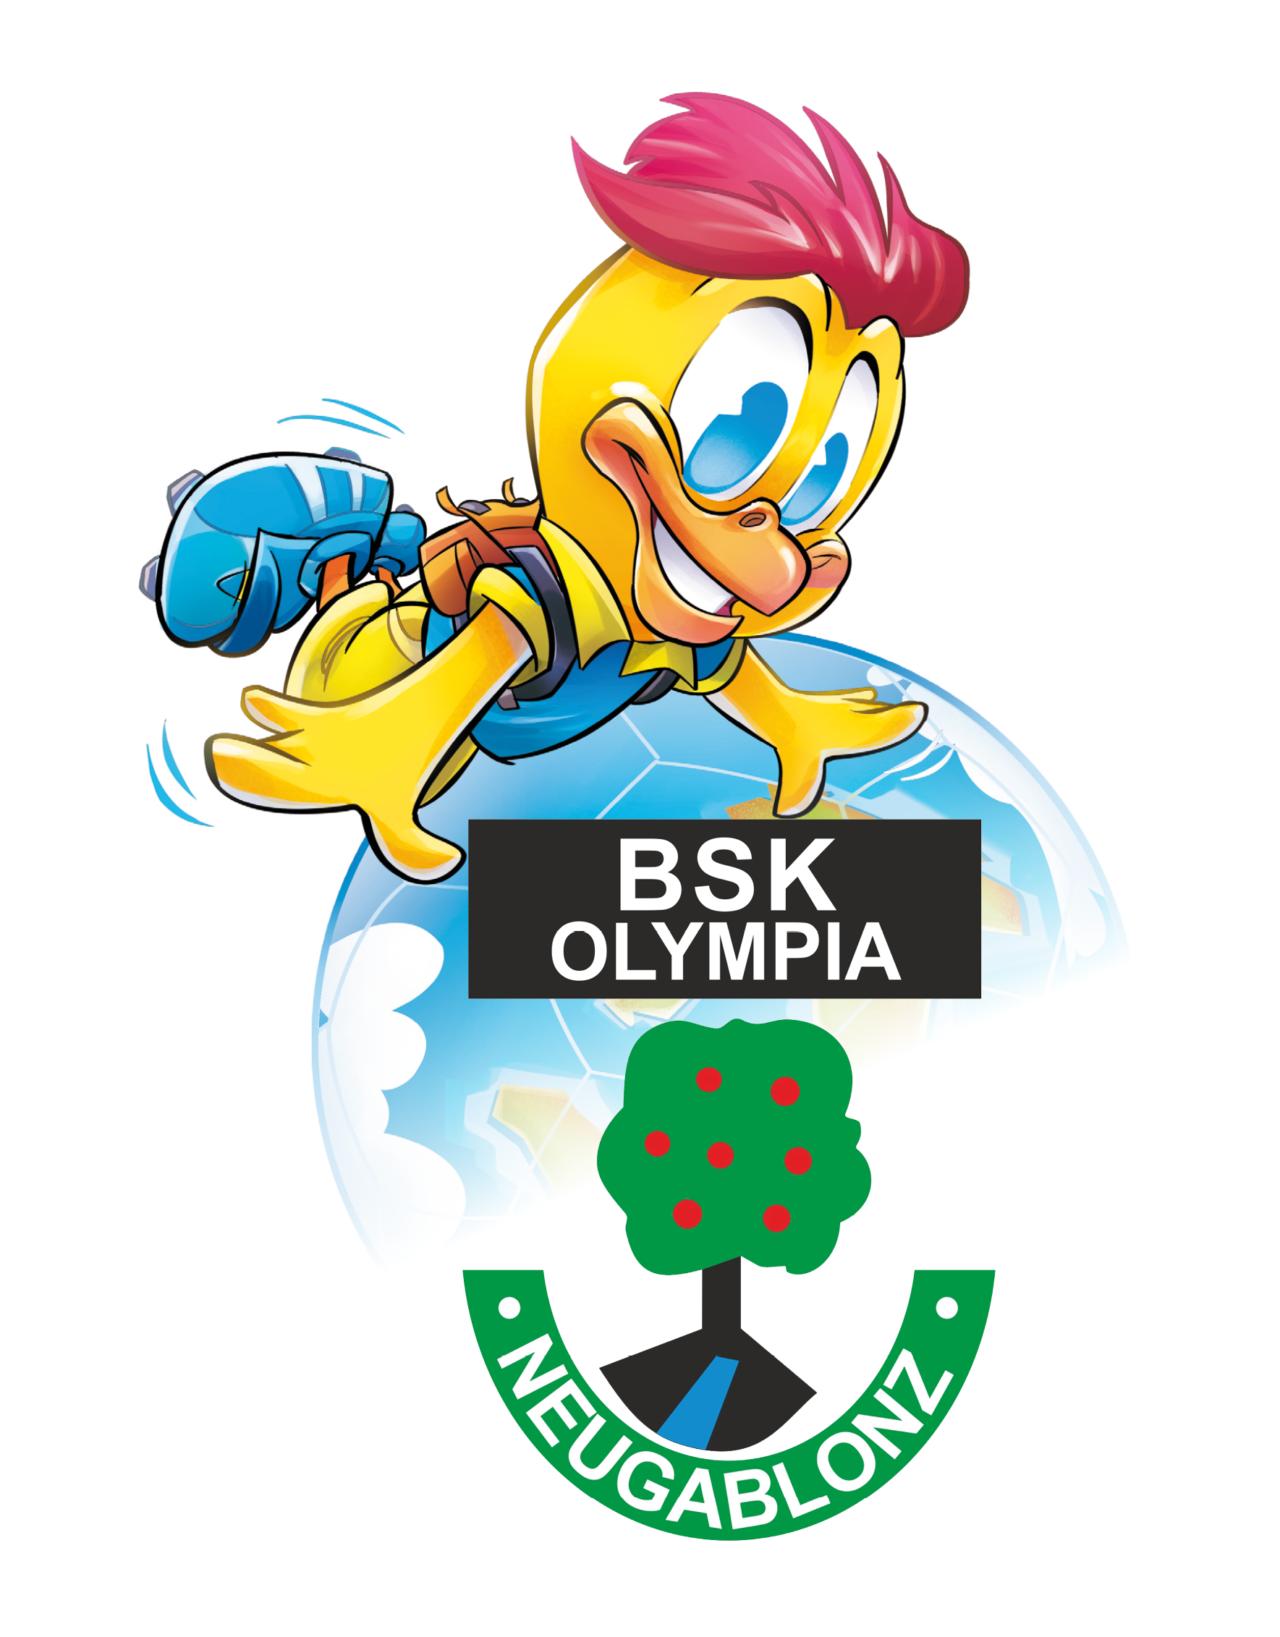 PulcinoBSK-Olimpia-1280x1637.png